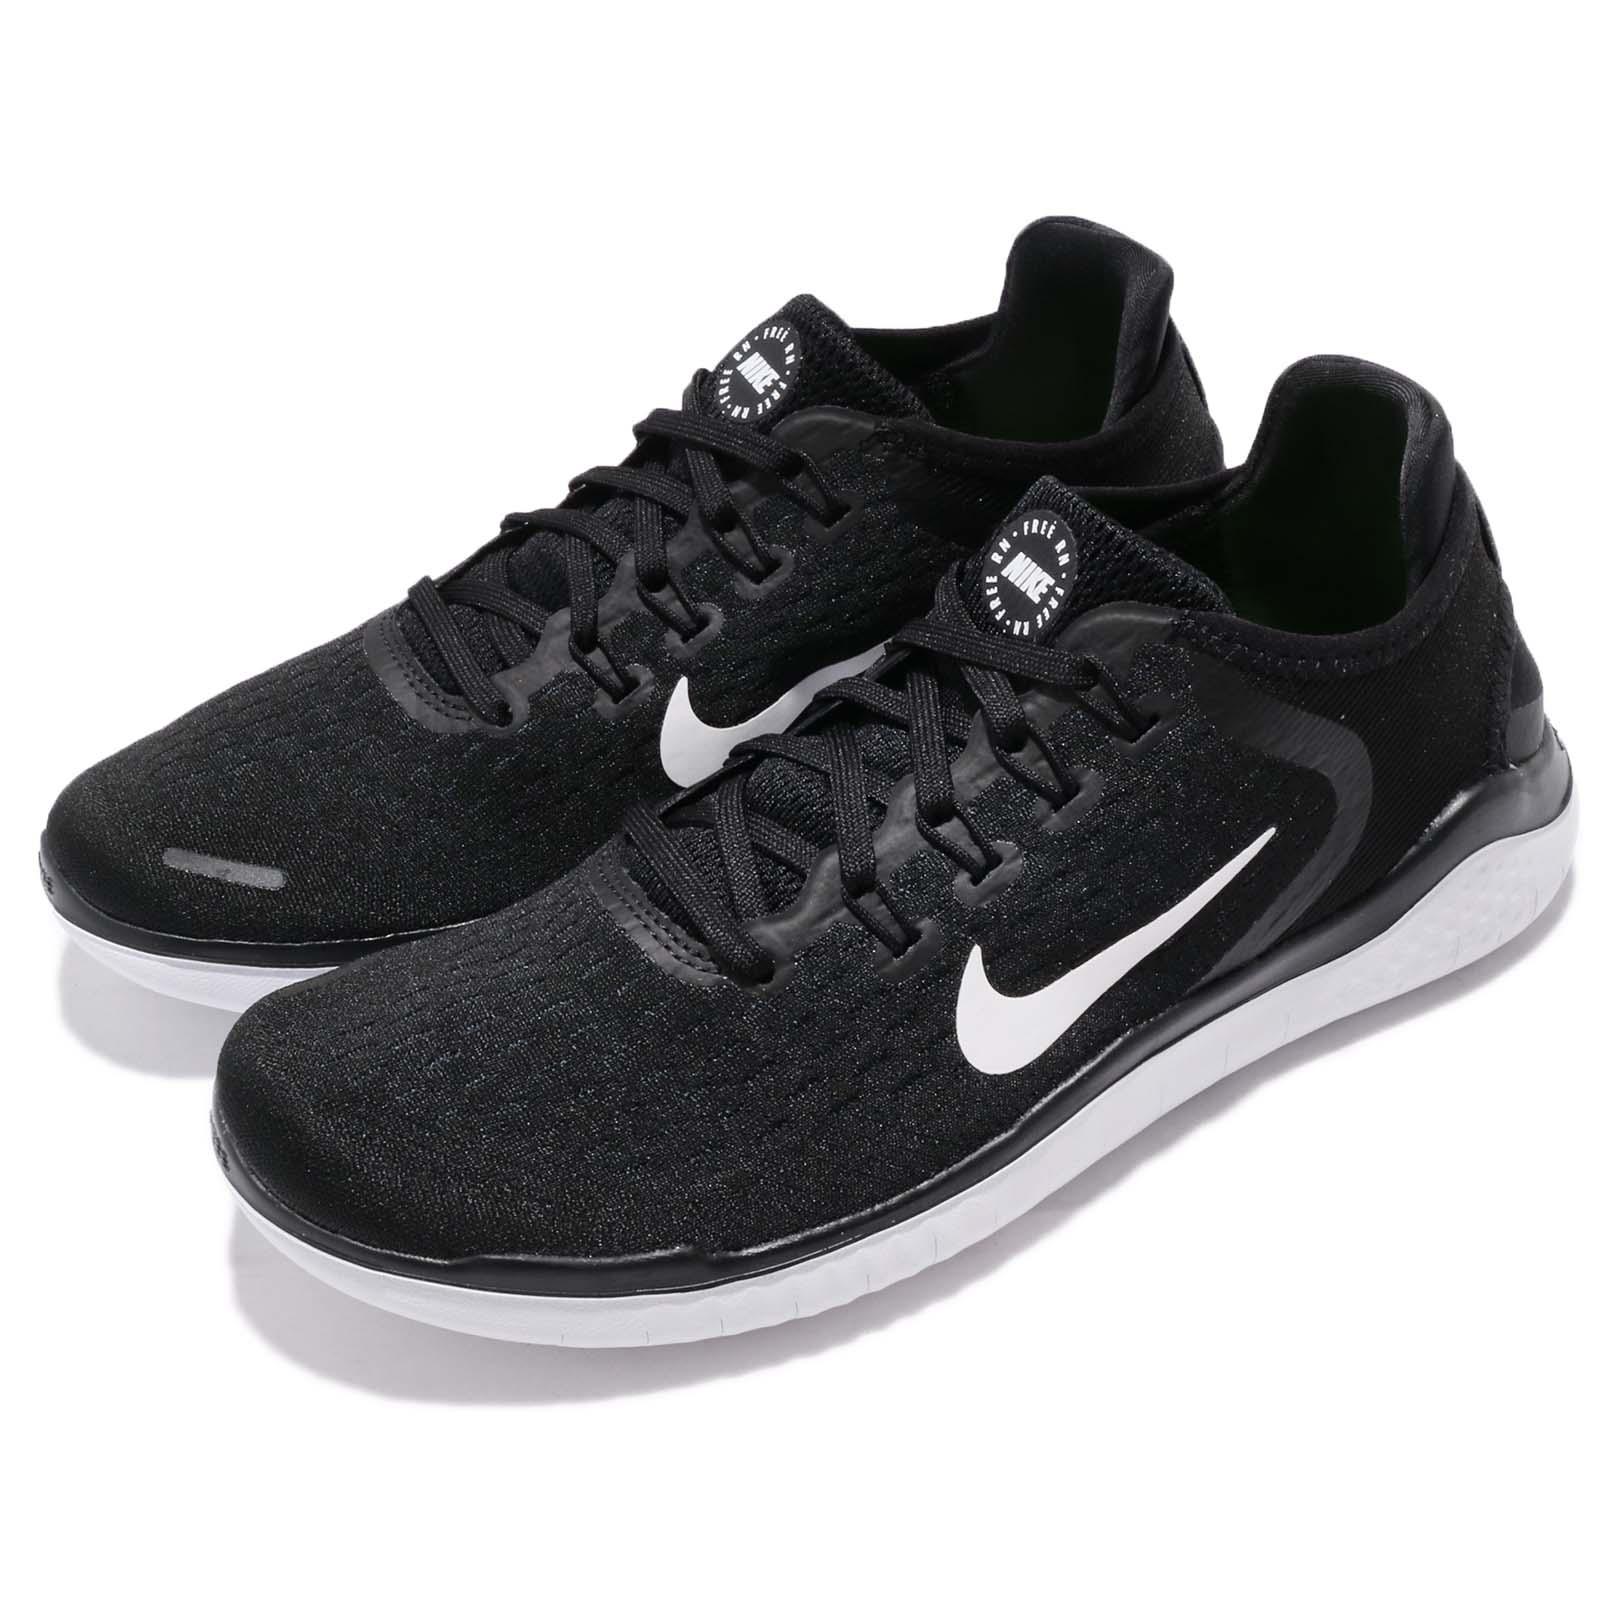 Nike Nike Free RN 2018 女鞋 942837-001